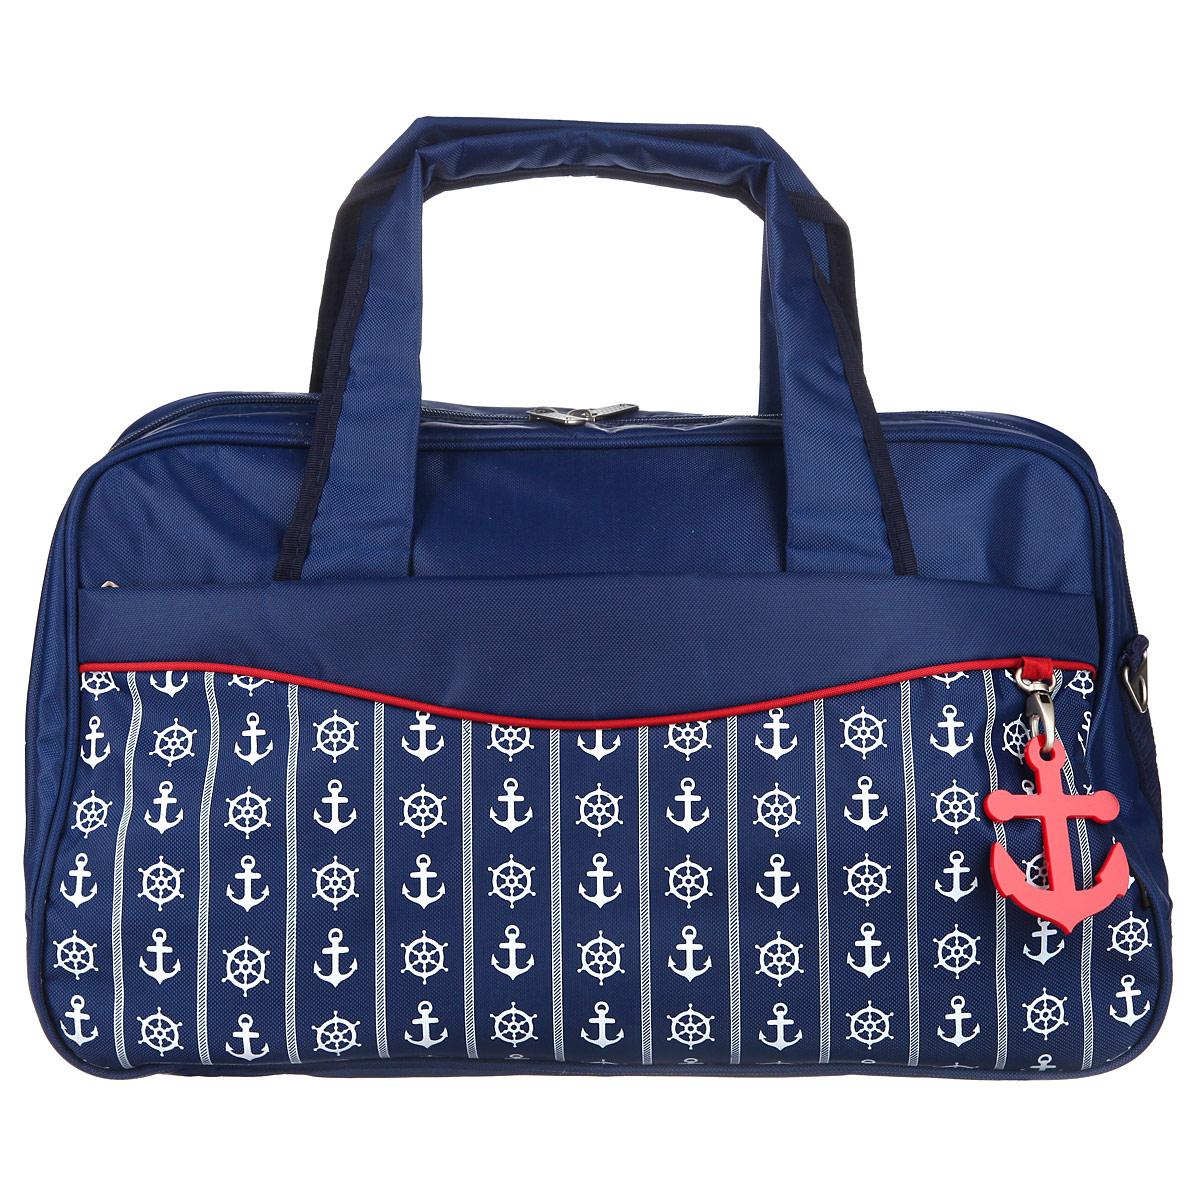 Сумка дорожная Antan Морской стиль, цвет: темно-синий. 2-4M2-4M дорожная морской стиль 2 ПЭ/синийСтильная дорожная сумка Antan Морской стиль выполнена из высококачественного материала и украшена декоративным элементом в виде якоря. Состоит сумка из одного большого отделения, закрывающегося на пластиковую застежку-молнию, внутри которого расположены прорезной карман на молнии и два накладных кармана, предназначенных для телефона и мелочей. С внешней стороны предусмотрены два больших прорезных кармана на застежках-молниях. Изделие оснащено двумя прочными ручками. В комплект входит съемный наплечный ремень, длина которого регулируется пряжкой. Дно изделия уплотнено и дополнено пятью пластиковыми ножками, обеспечивающими дополнительную устойчивость и защиту от загрязнений. Оформлена сумка оригинальным принтом на морскую тематику. Такая сумка идеально подойдет для дальних поездок, в нее можно положить все необходимое.